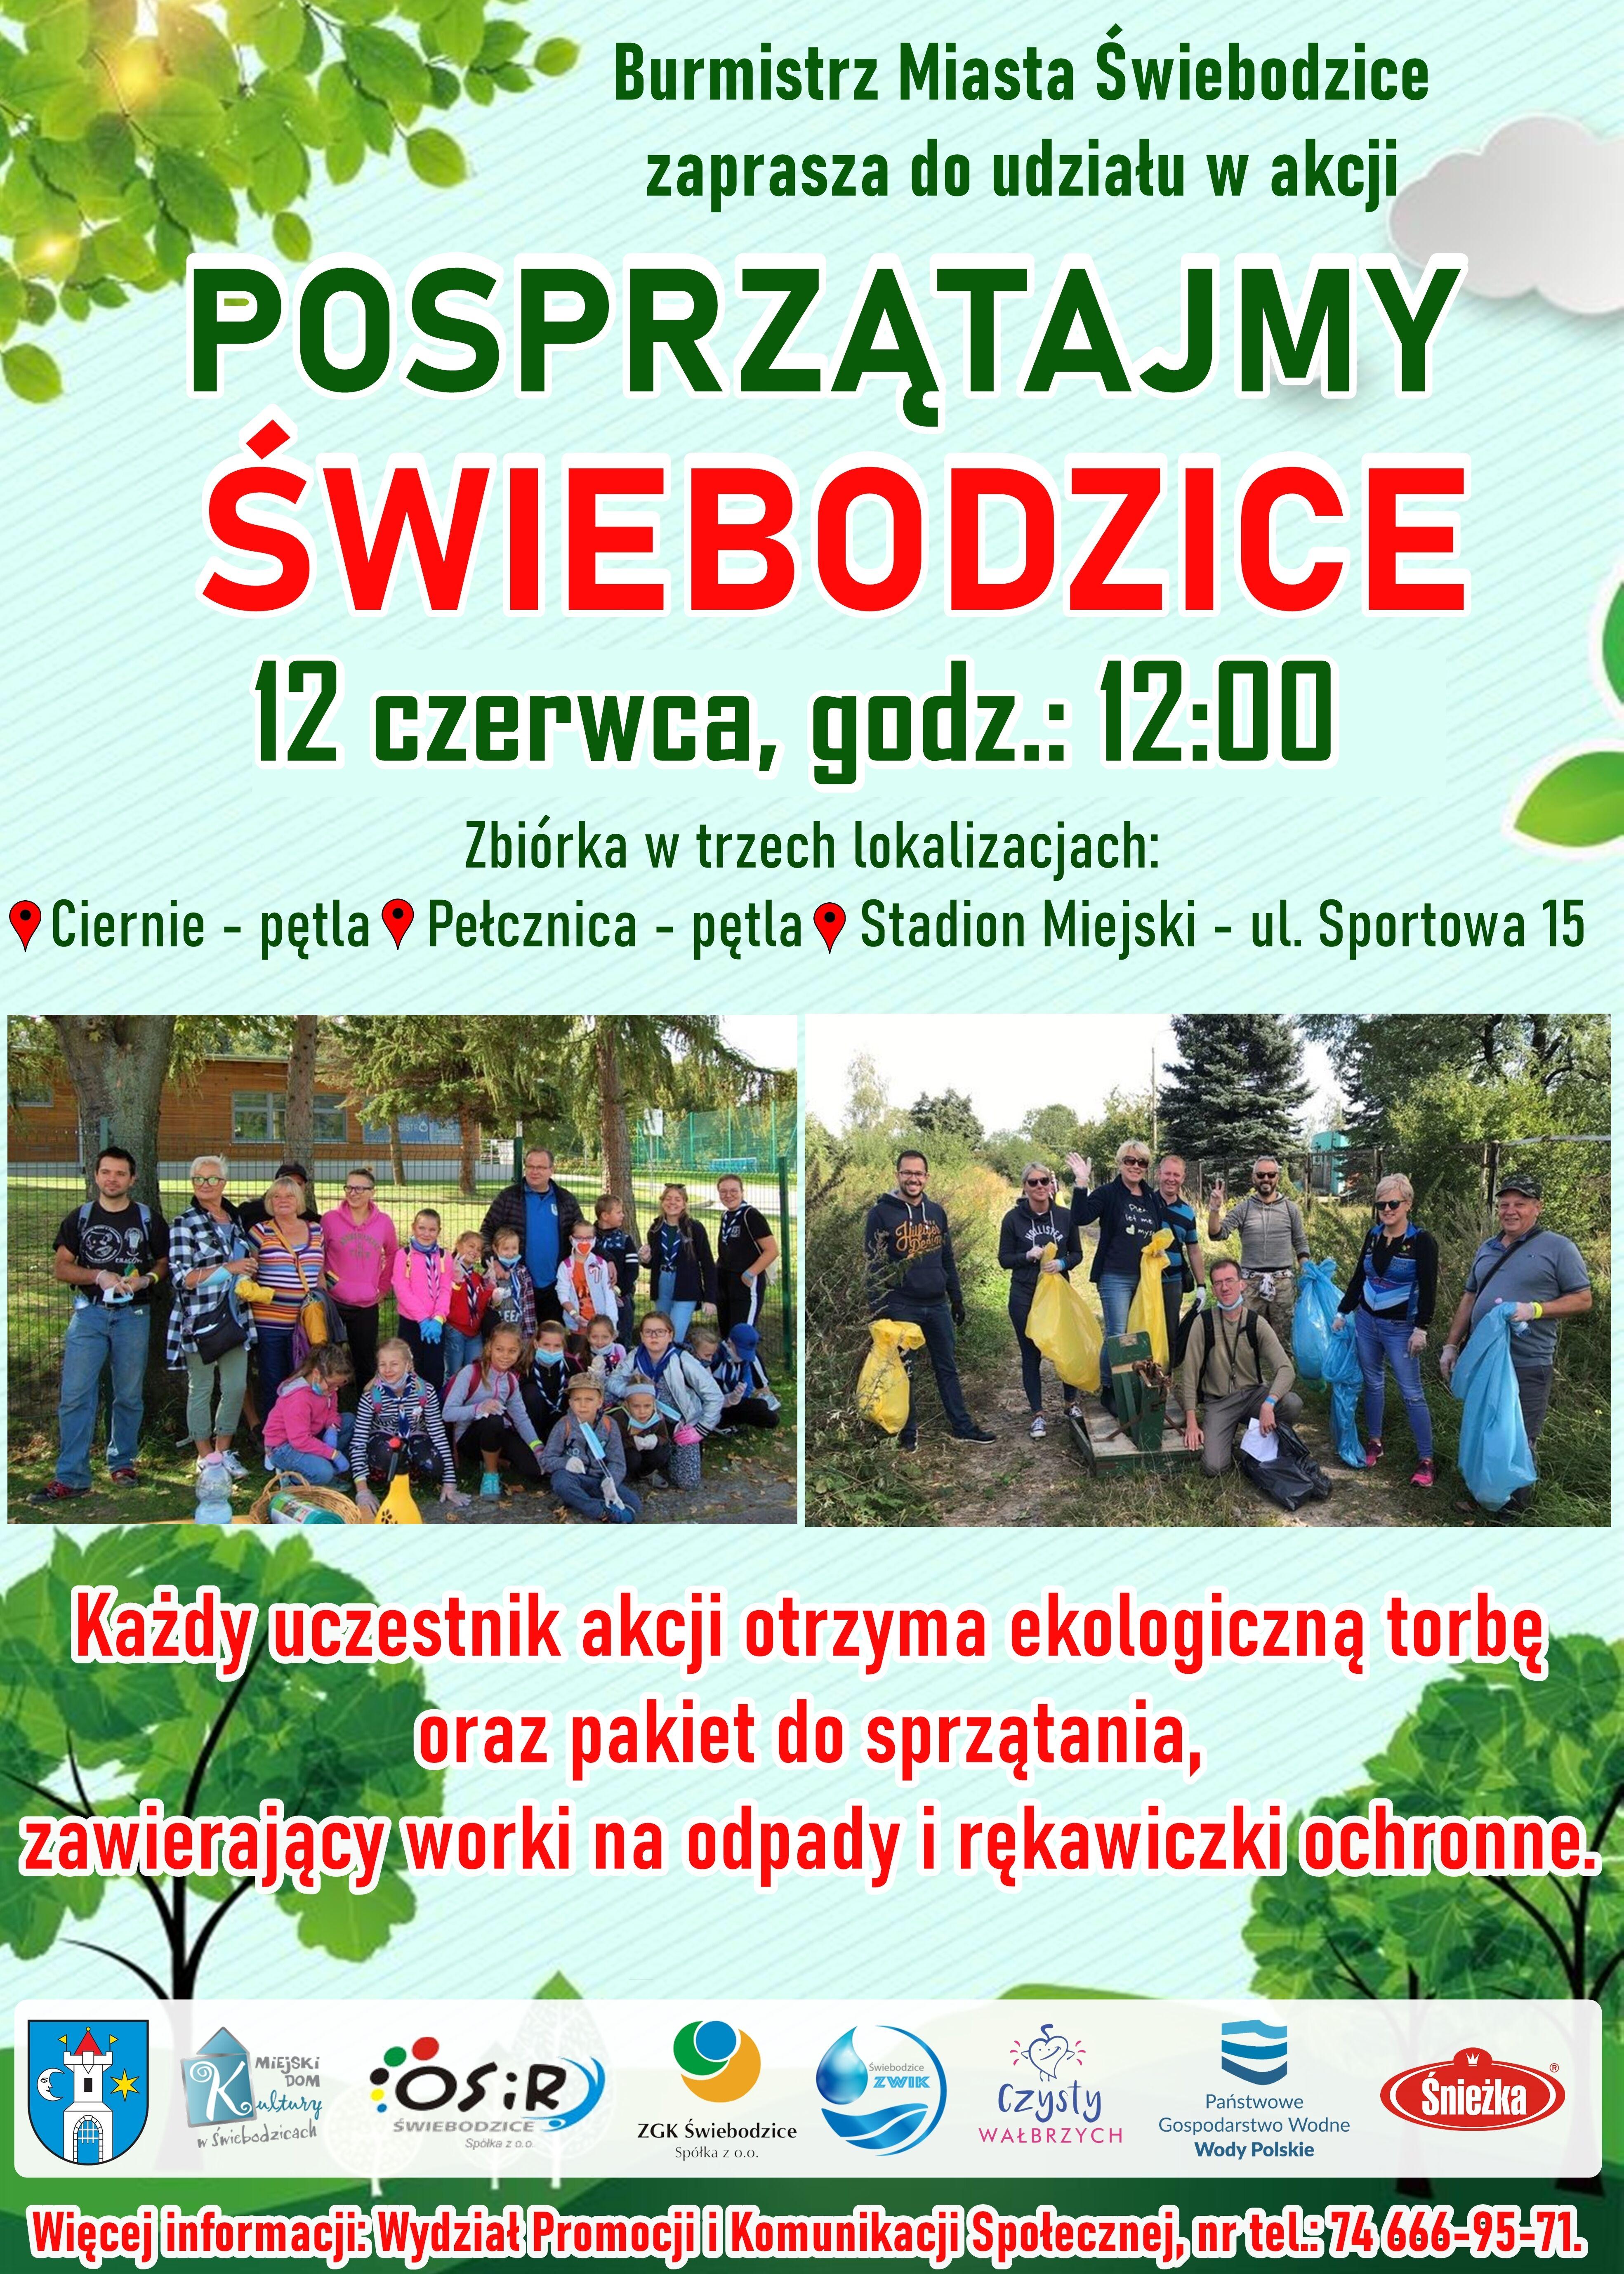 Plakat promujący akcję Posprzątaj Świebodzice